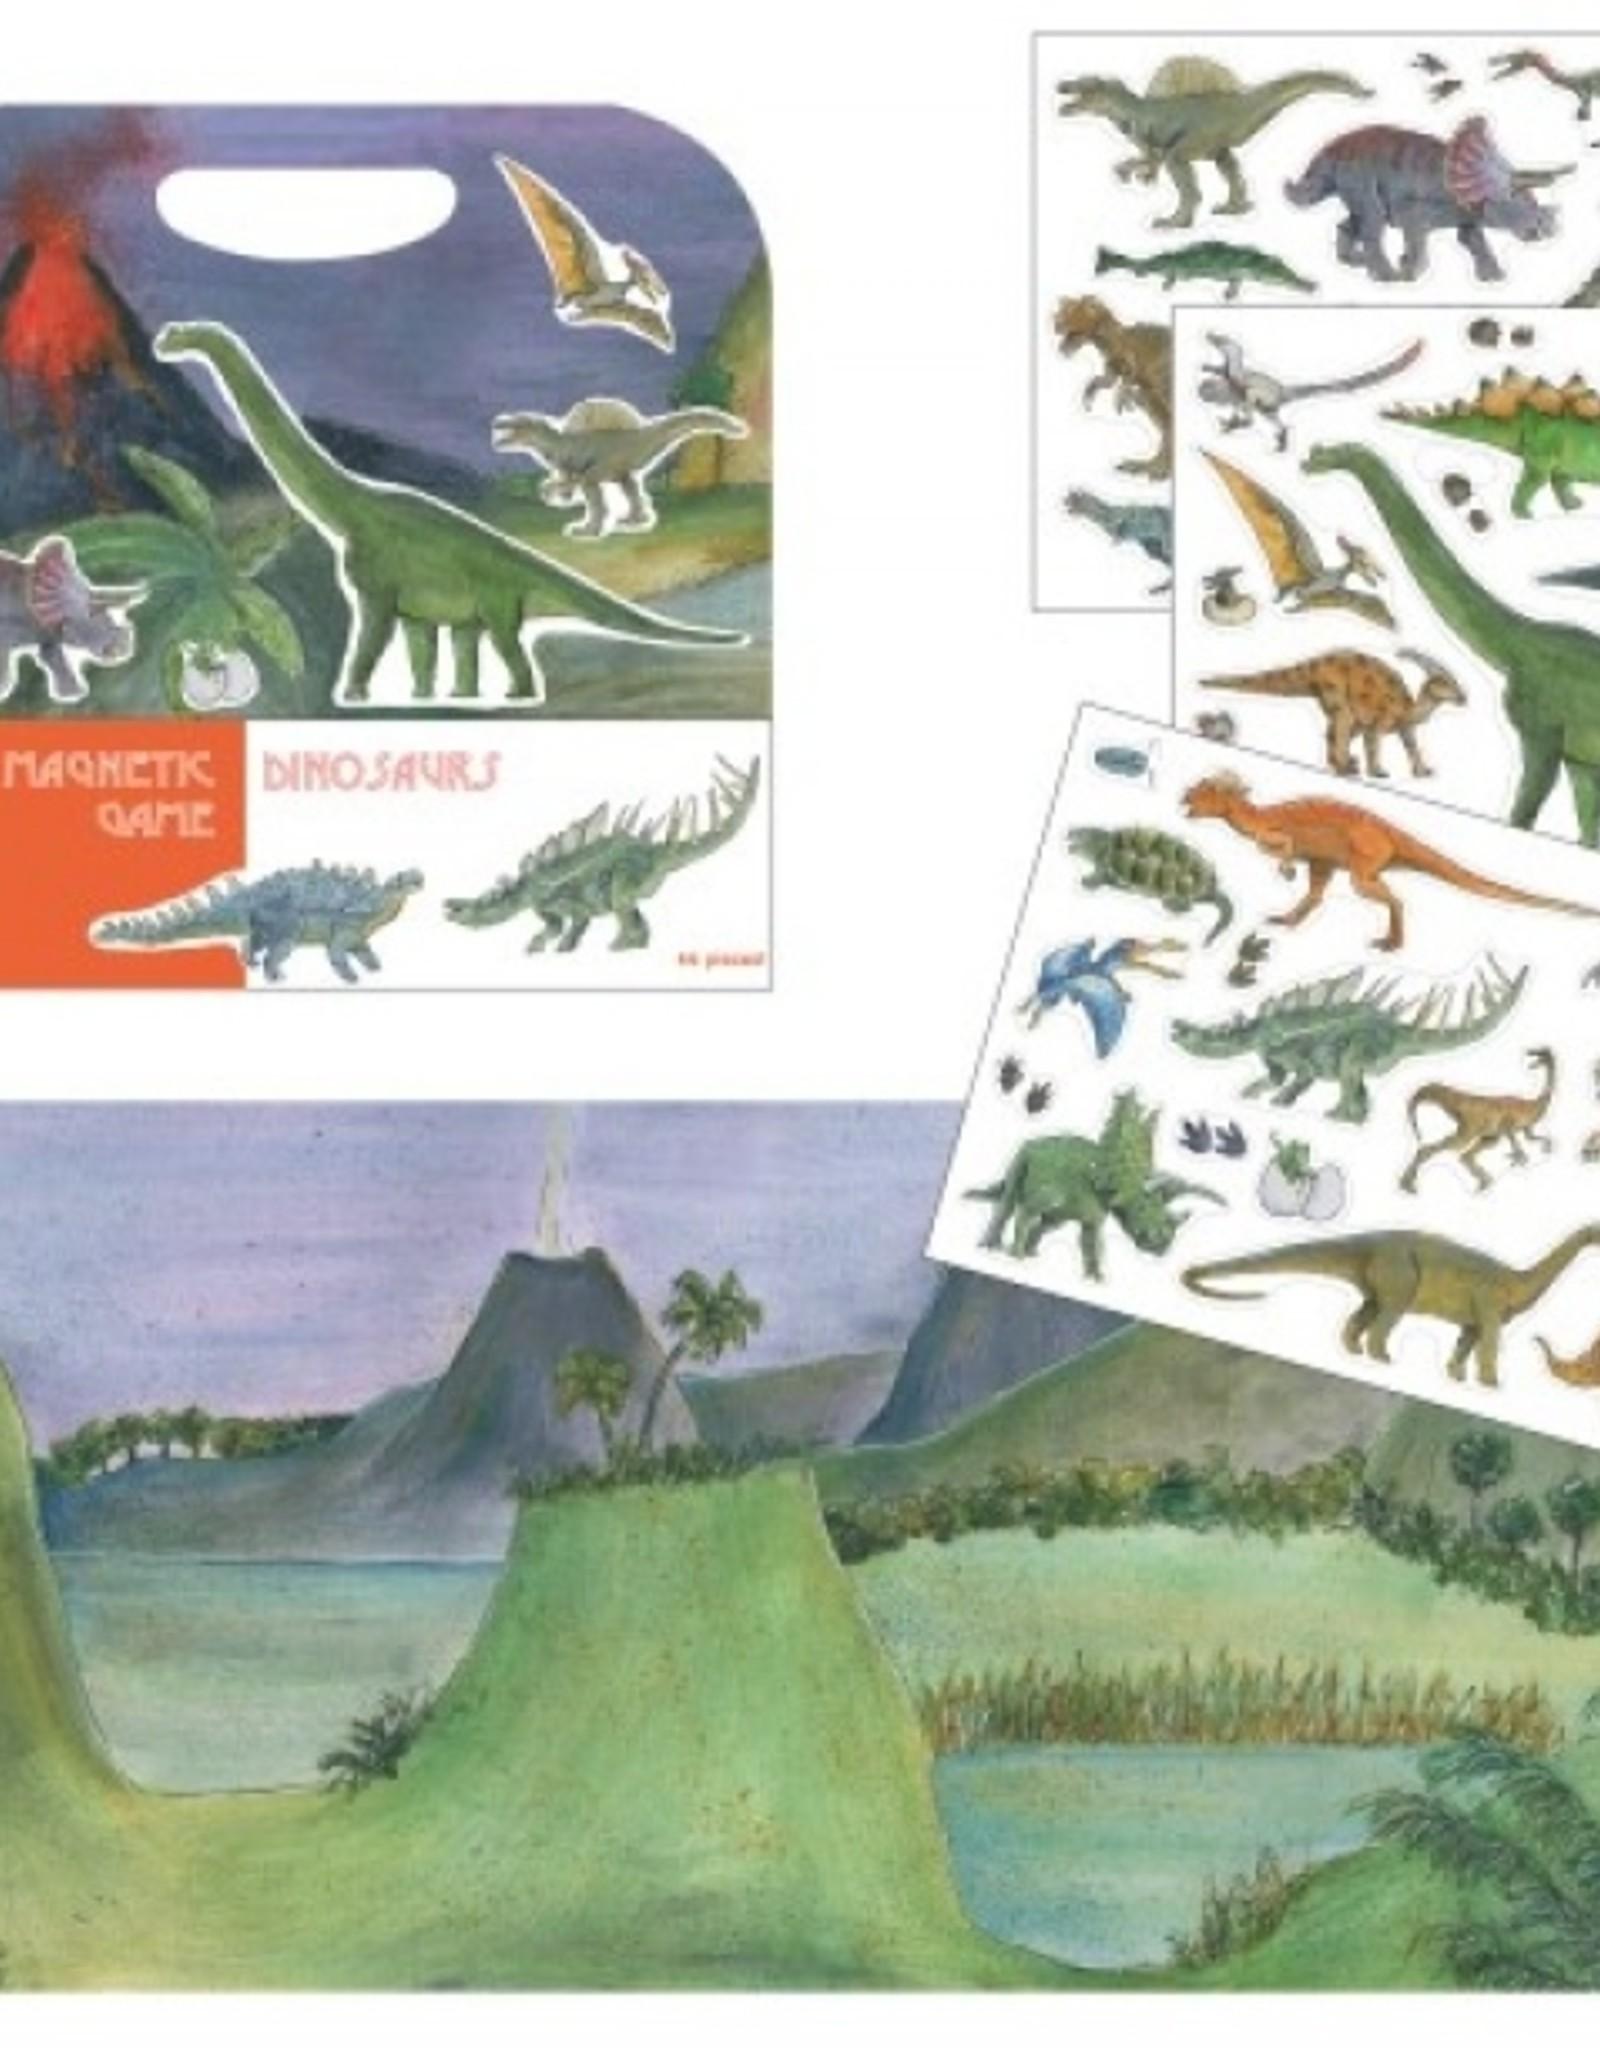 Egmont Magnetic Game Dinosaur